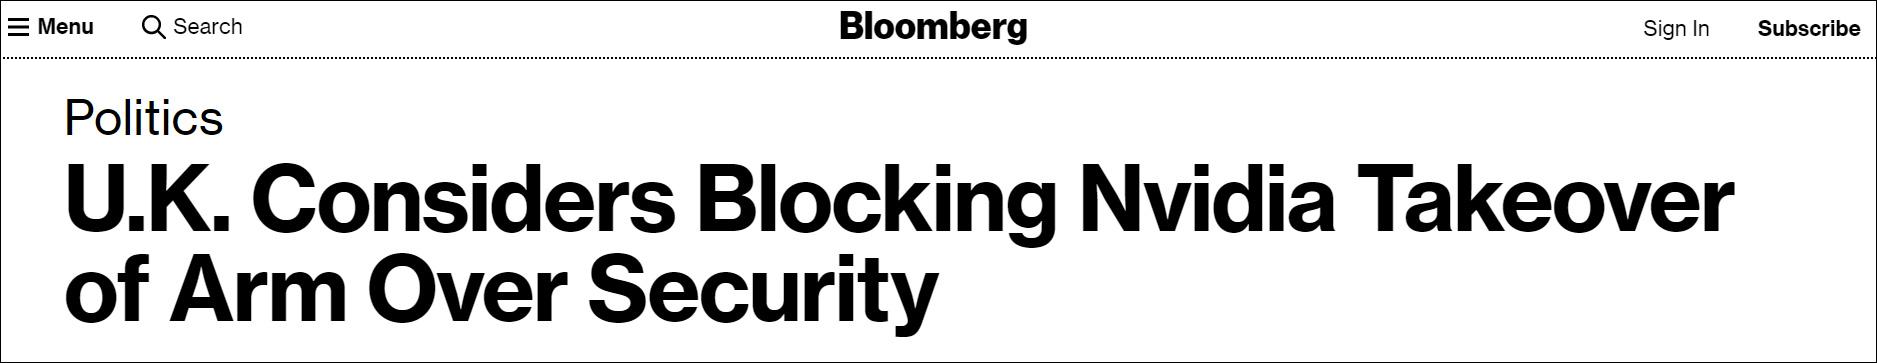 外媒称英国倾向否决英伟达收购Arm,中国推迟审查